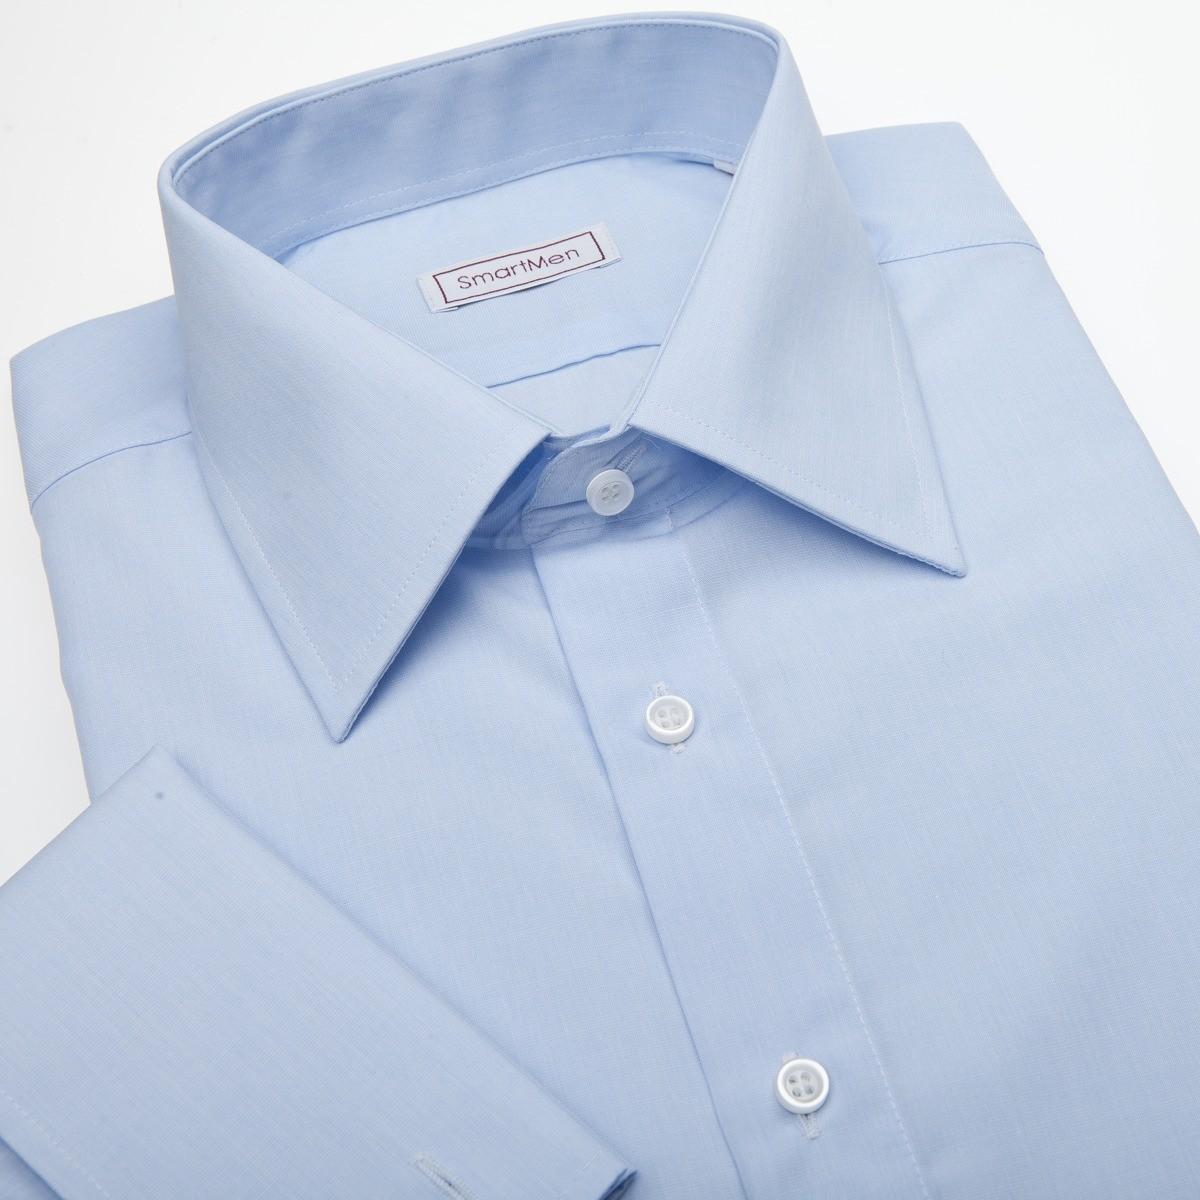 0738f83f4080 Spoločenská modrá košeľa s manžetovými gombíkmi Easy-care